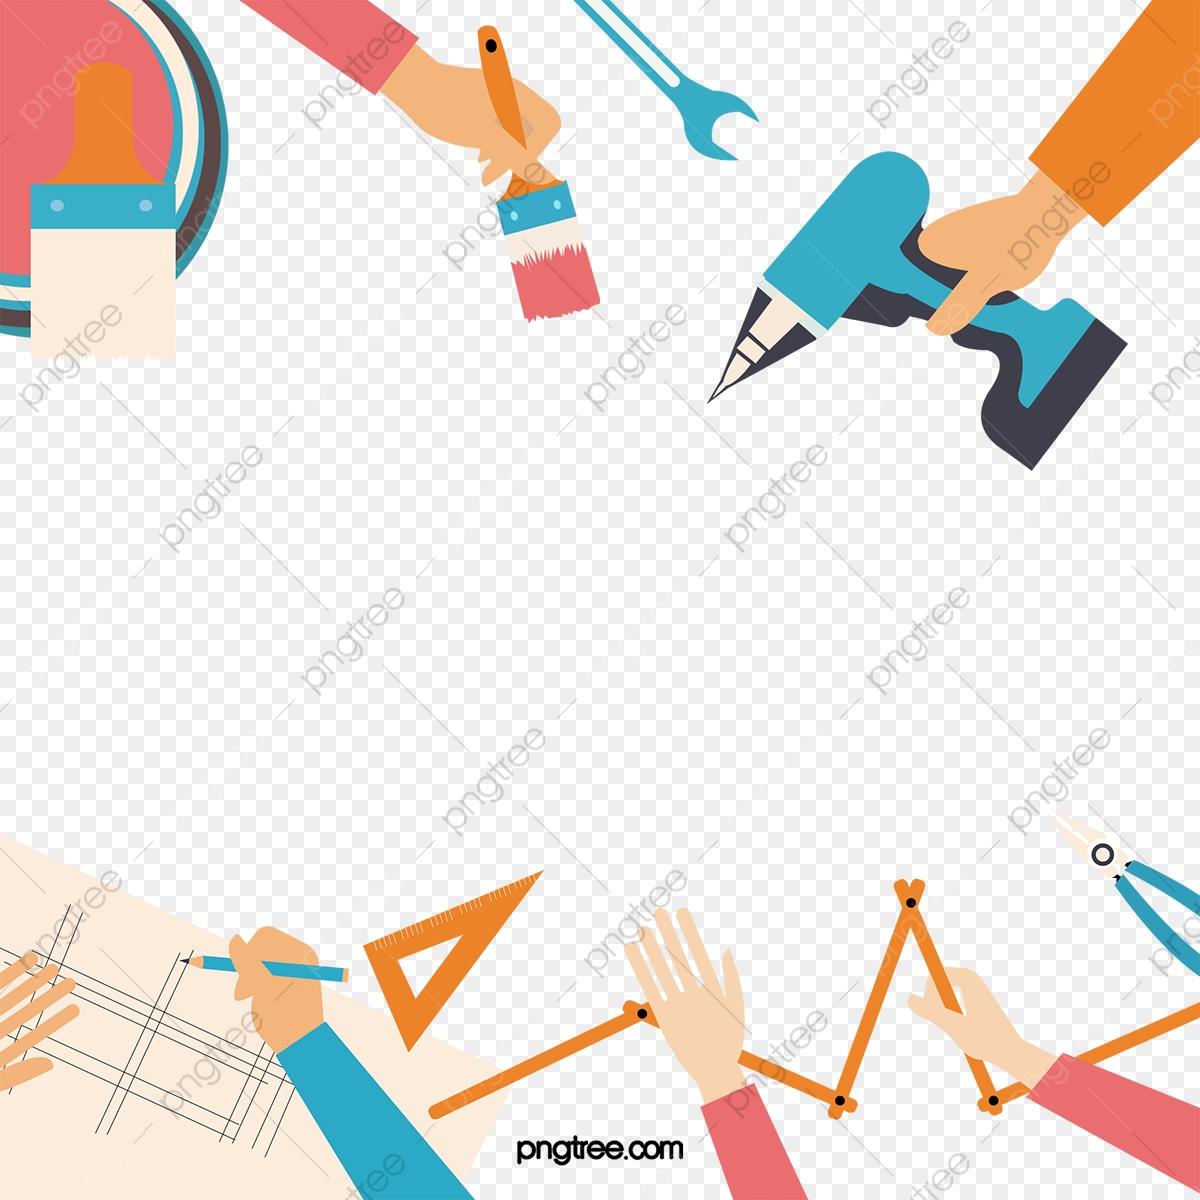 Background Diy Tools, Tools Clipart, Diy, Tool PNG Transparent.